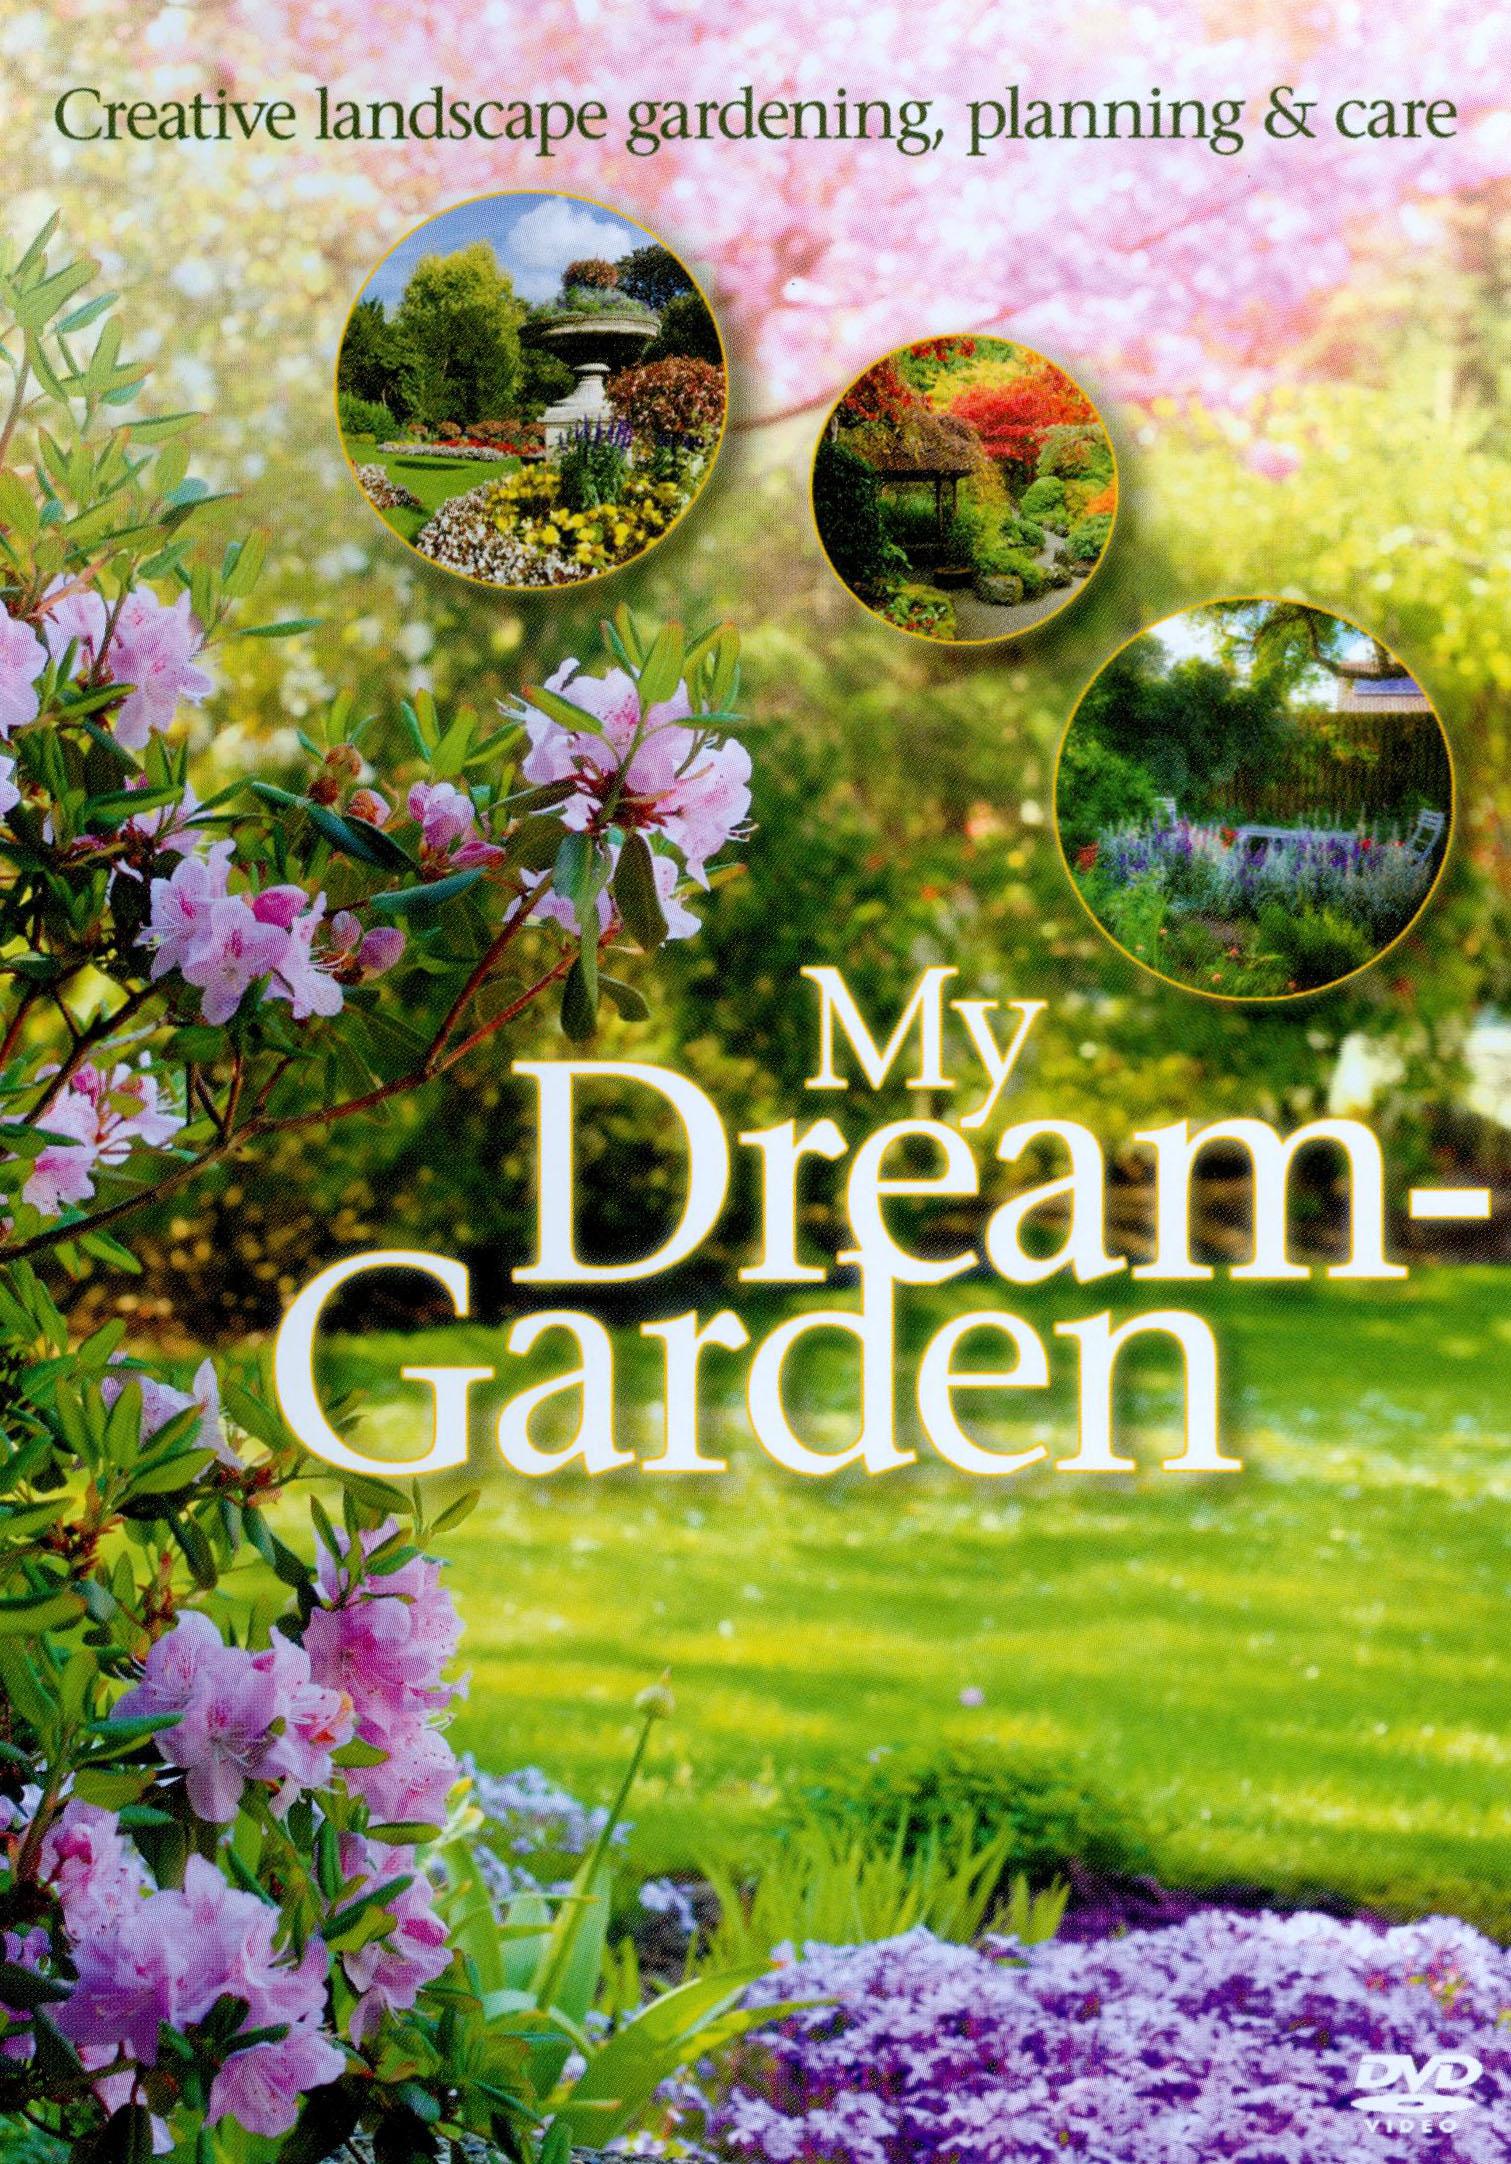 My Dream-Garden